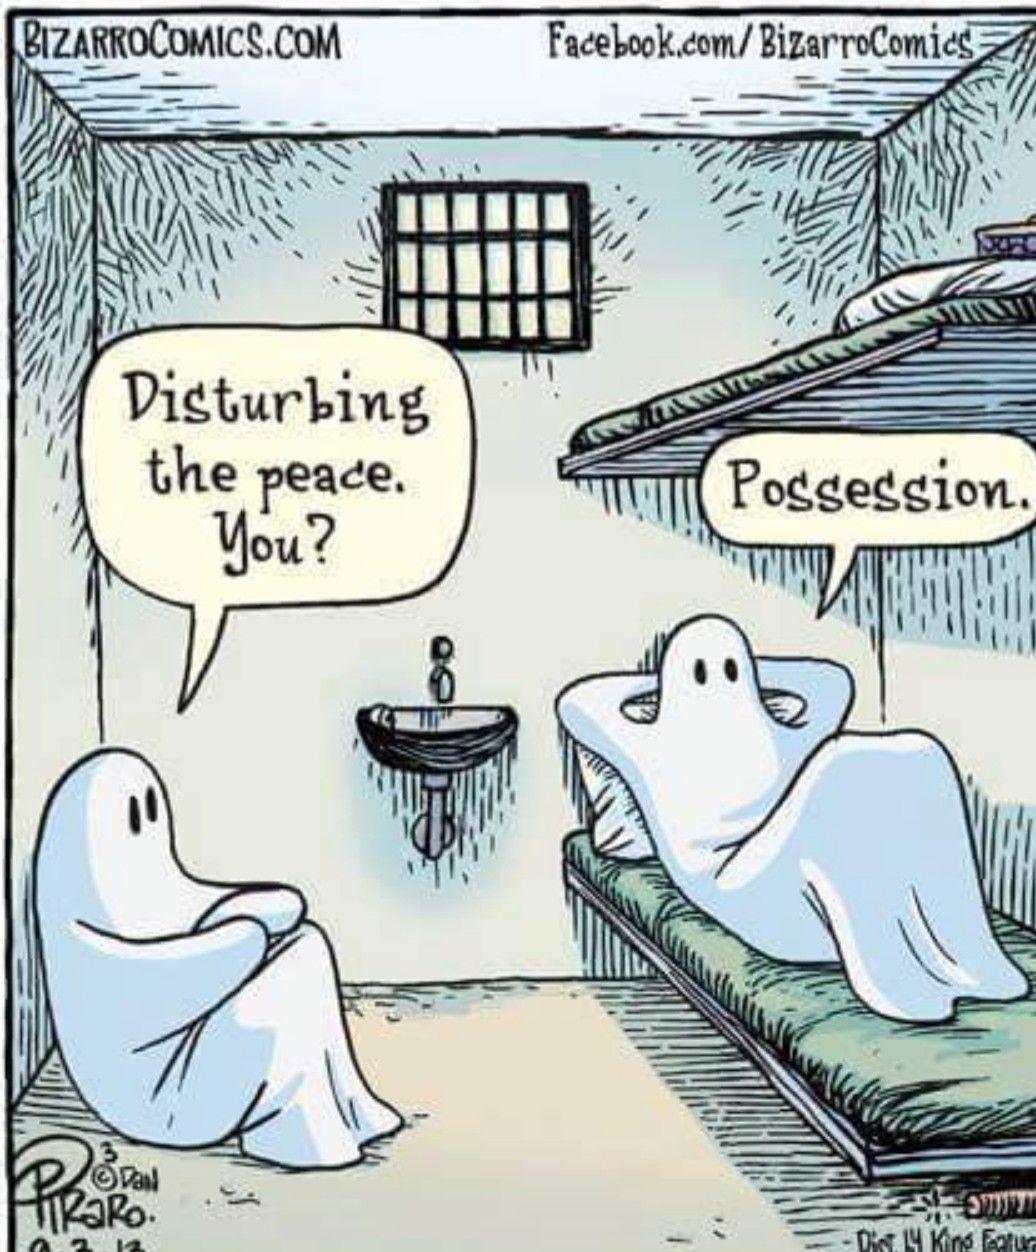 Pin By Hailey On Funnies Halloween Jokes Halloween Funny Ghost Jokes